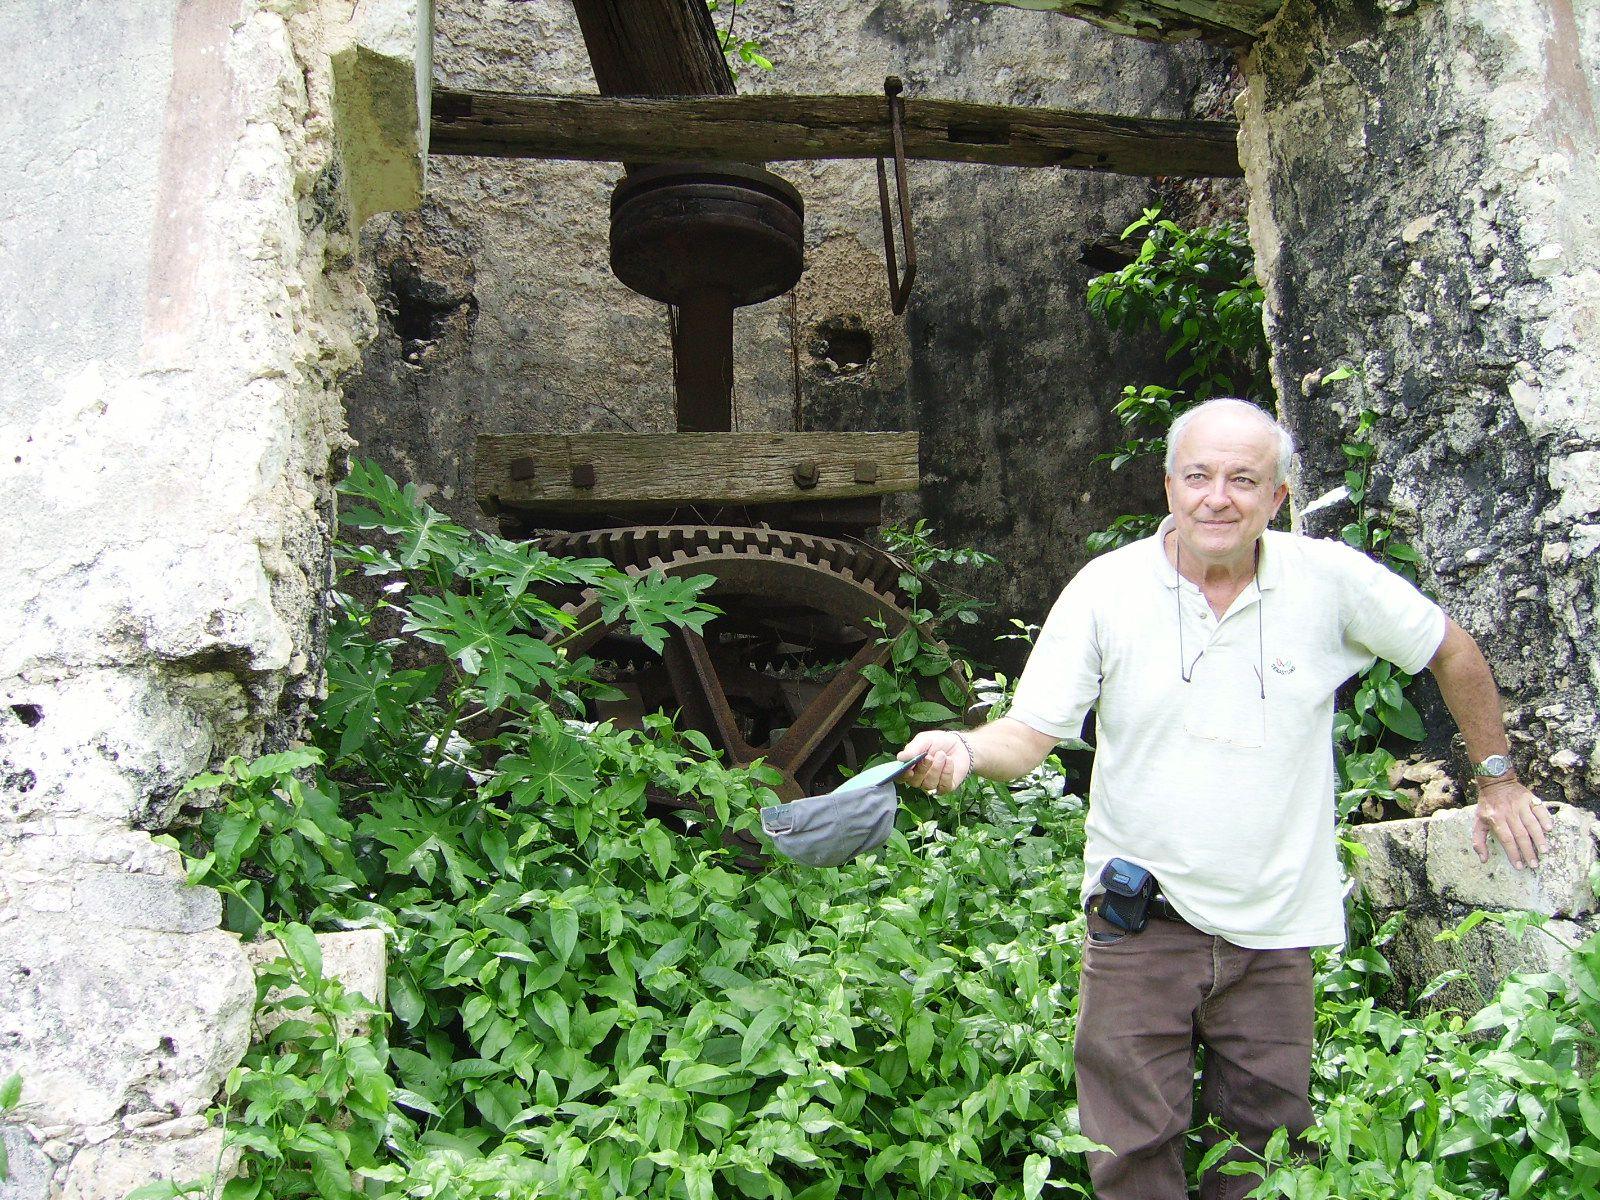 Le sauvage d'Huxley dans son moulin refuge à Marie-Galante